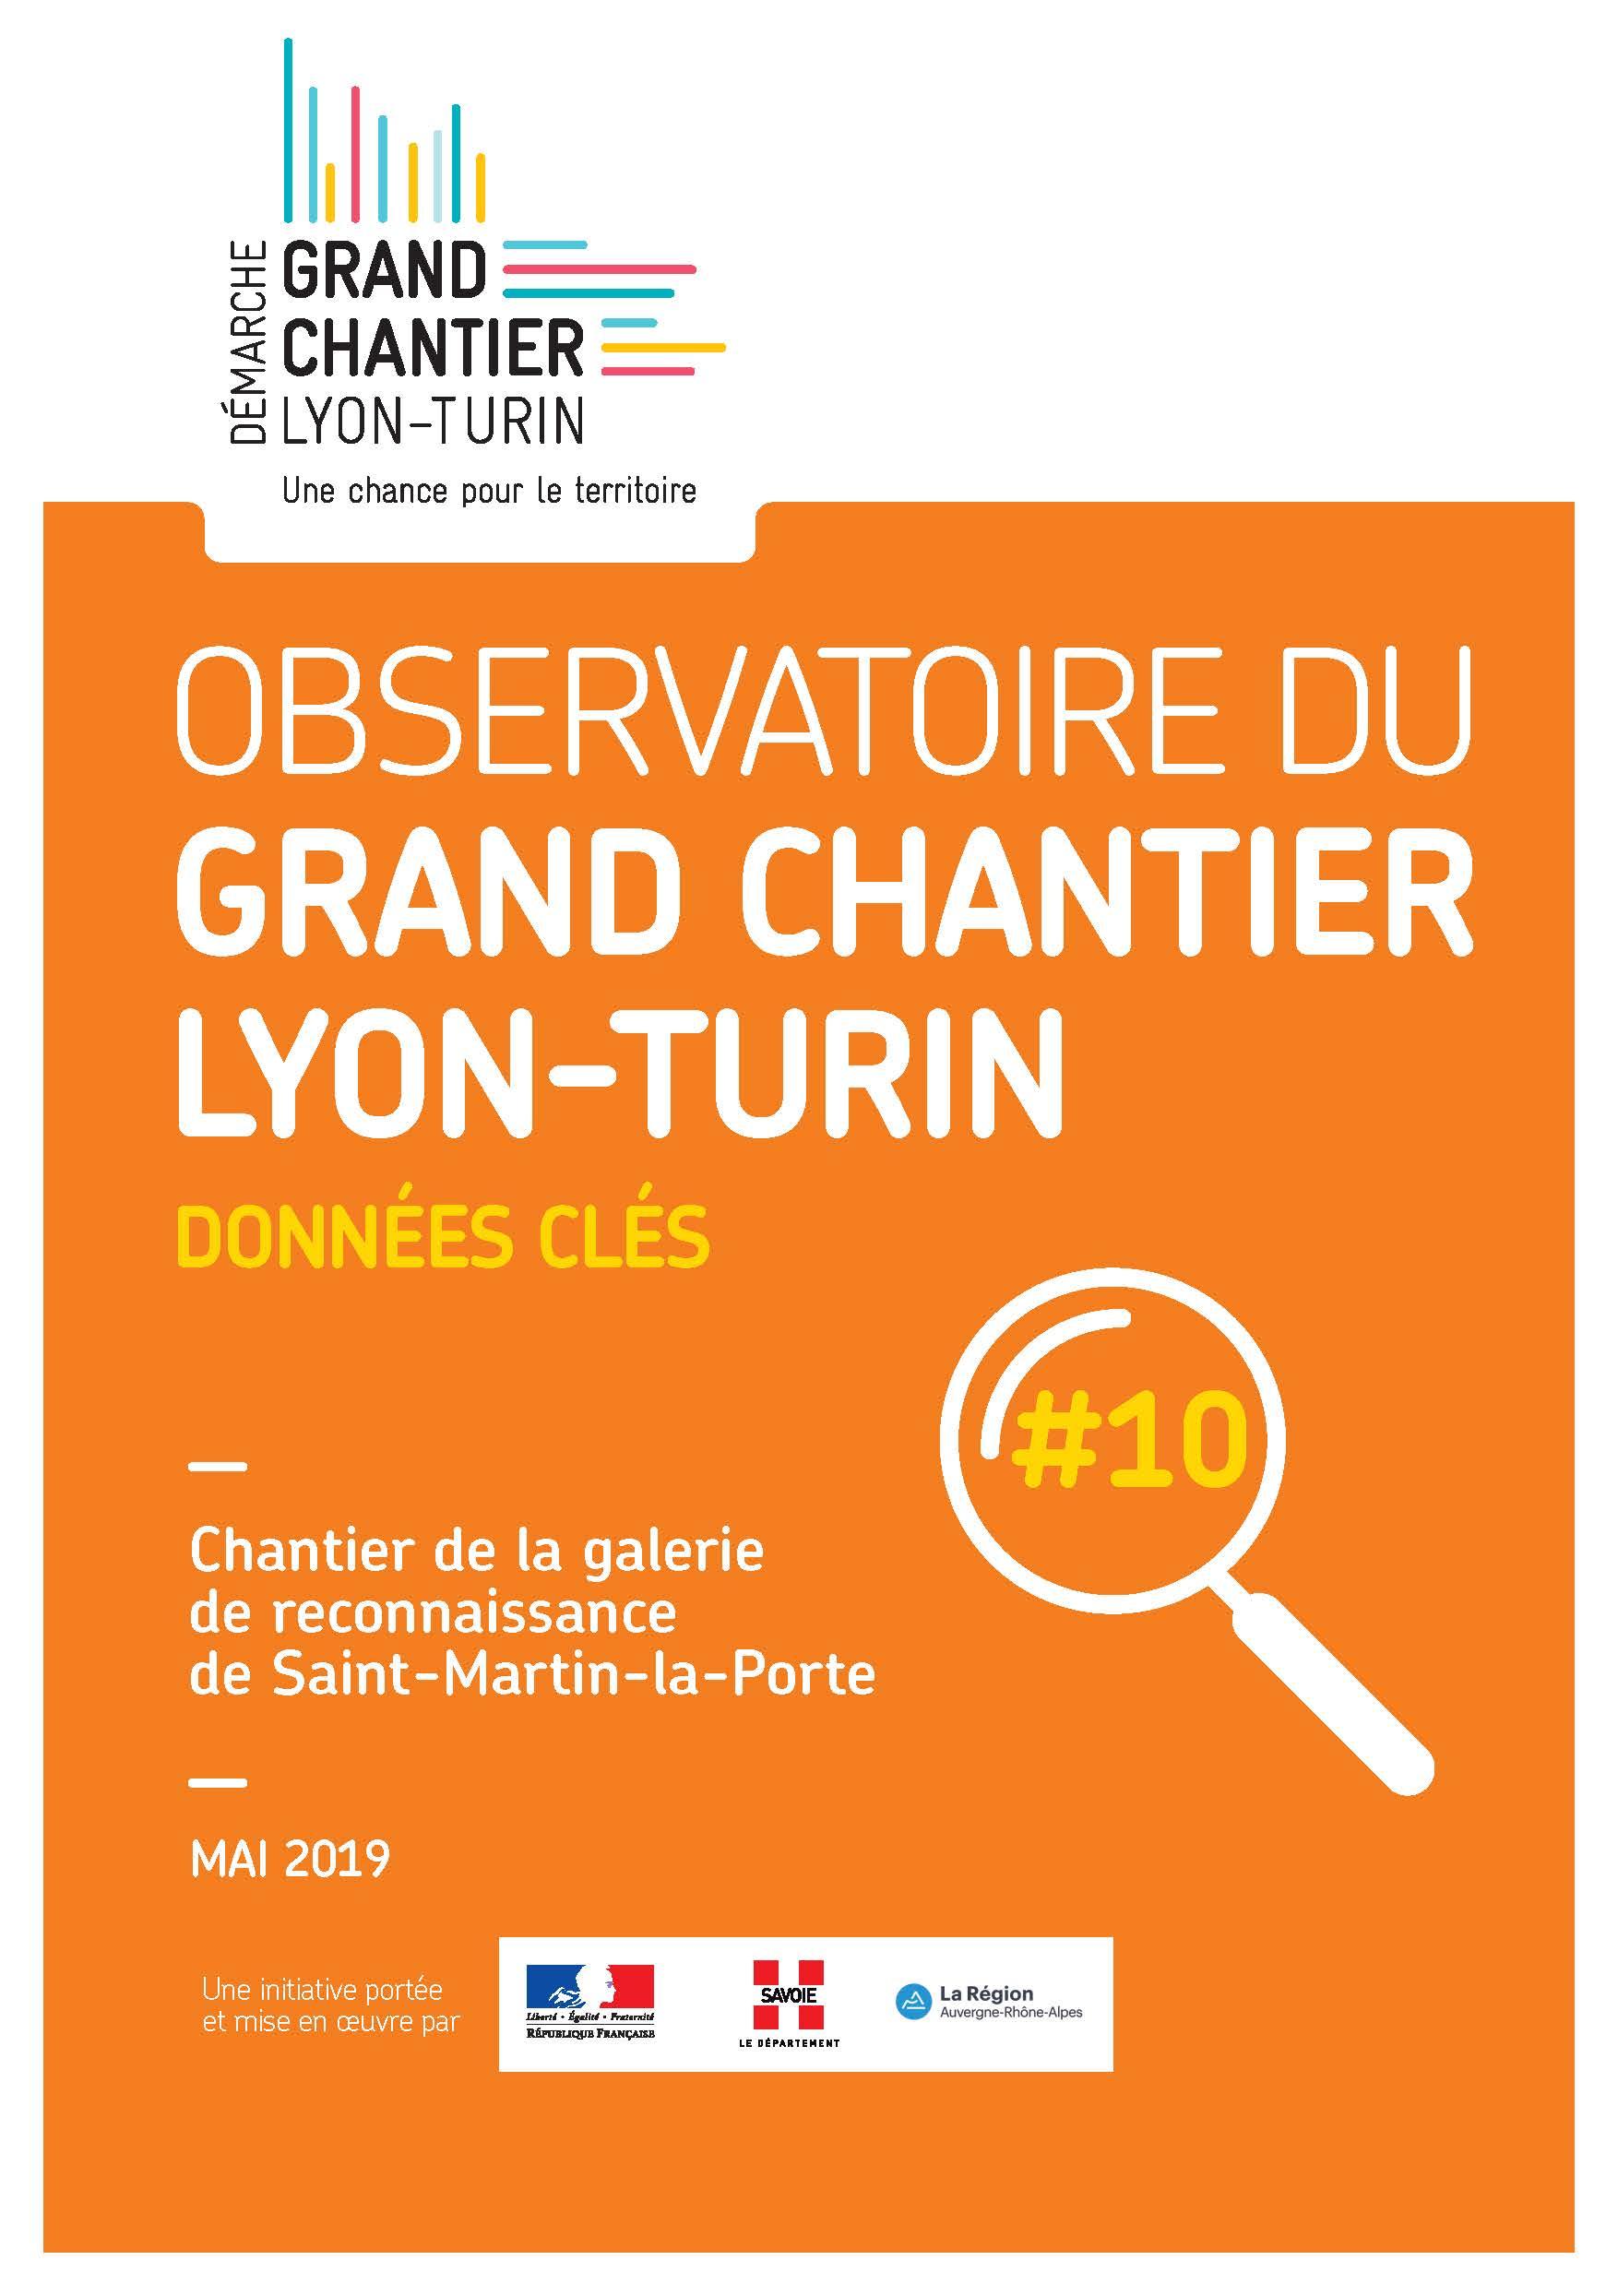 Pages de OBS DGC Lyon-Turin - données clés n10 - 05 2019